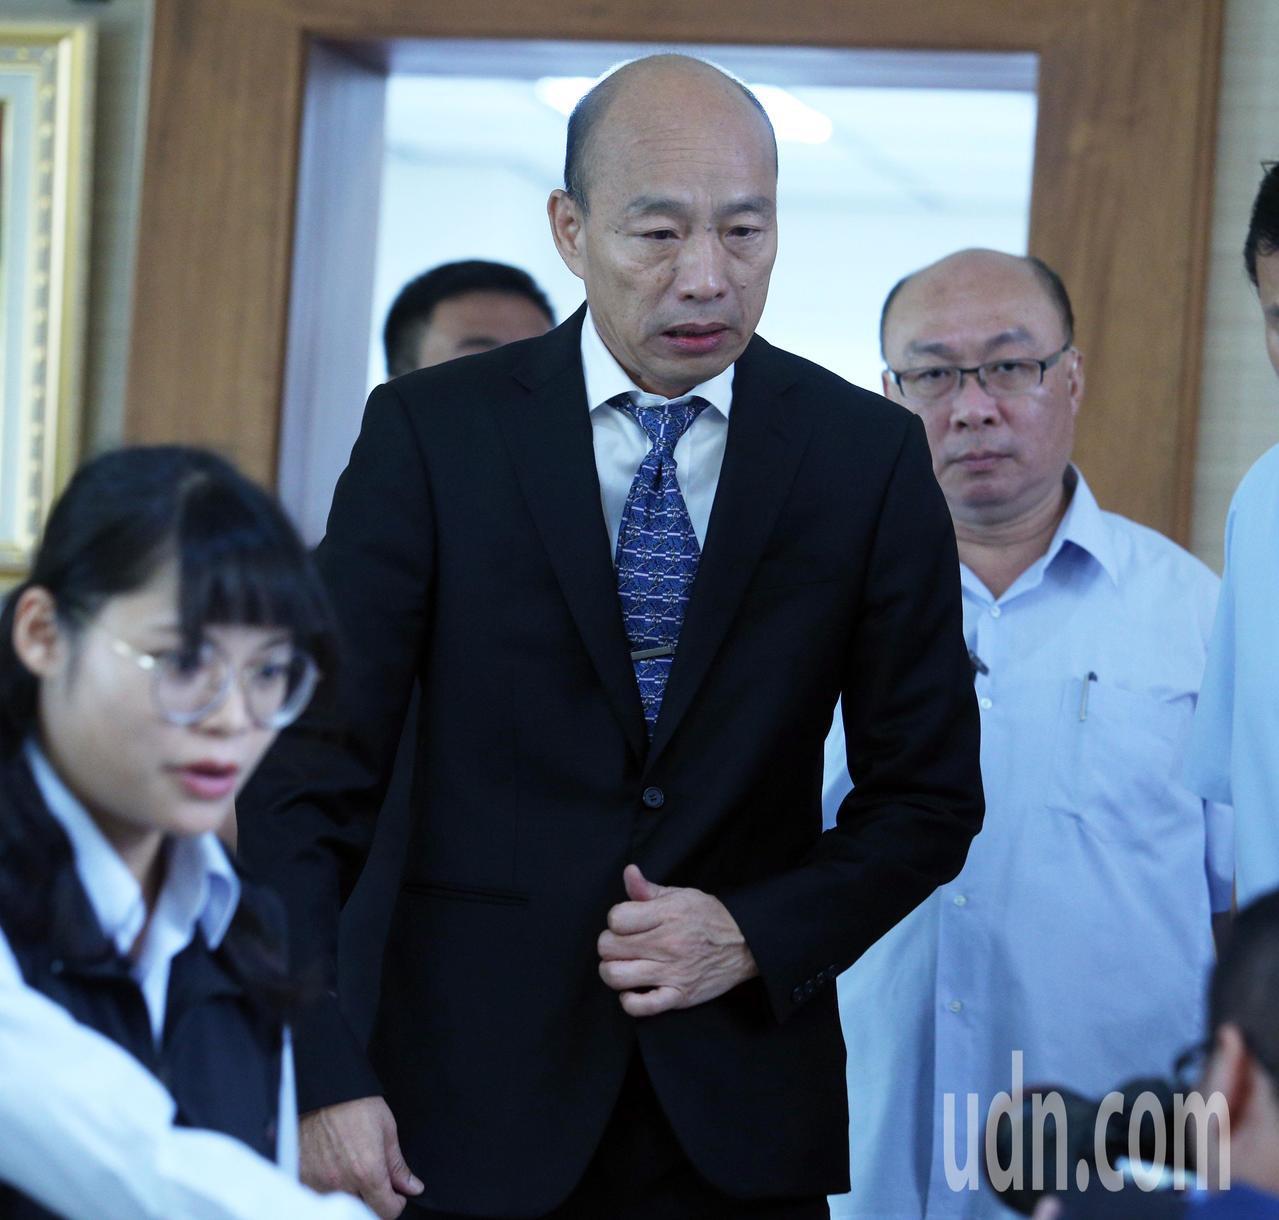 高雄市長韓國瑜今天上午到議會進行施政報告與質詢。記者劉學聖/攝影